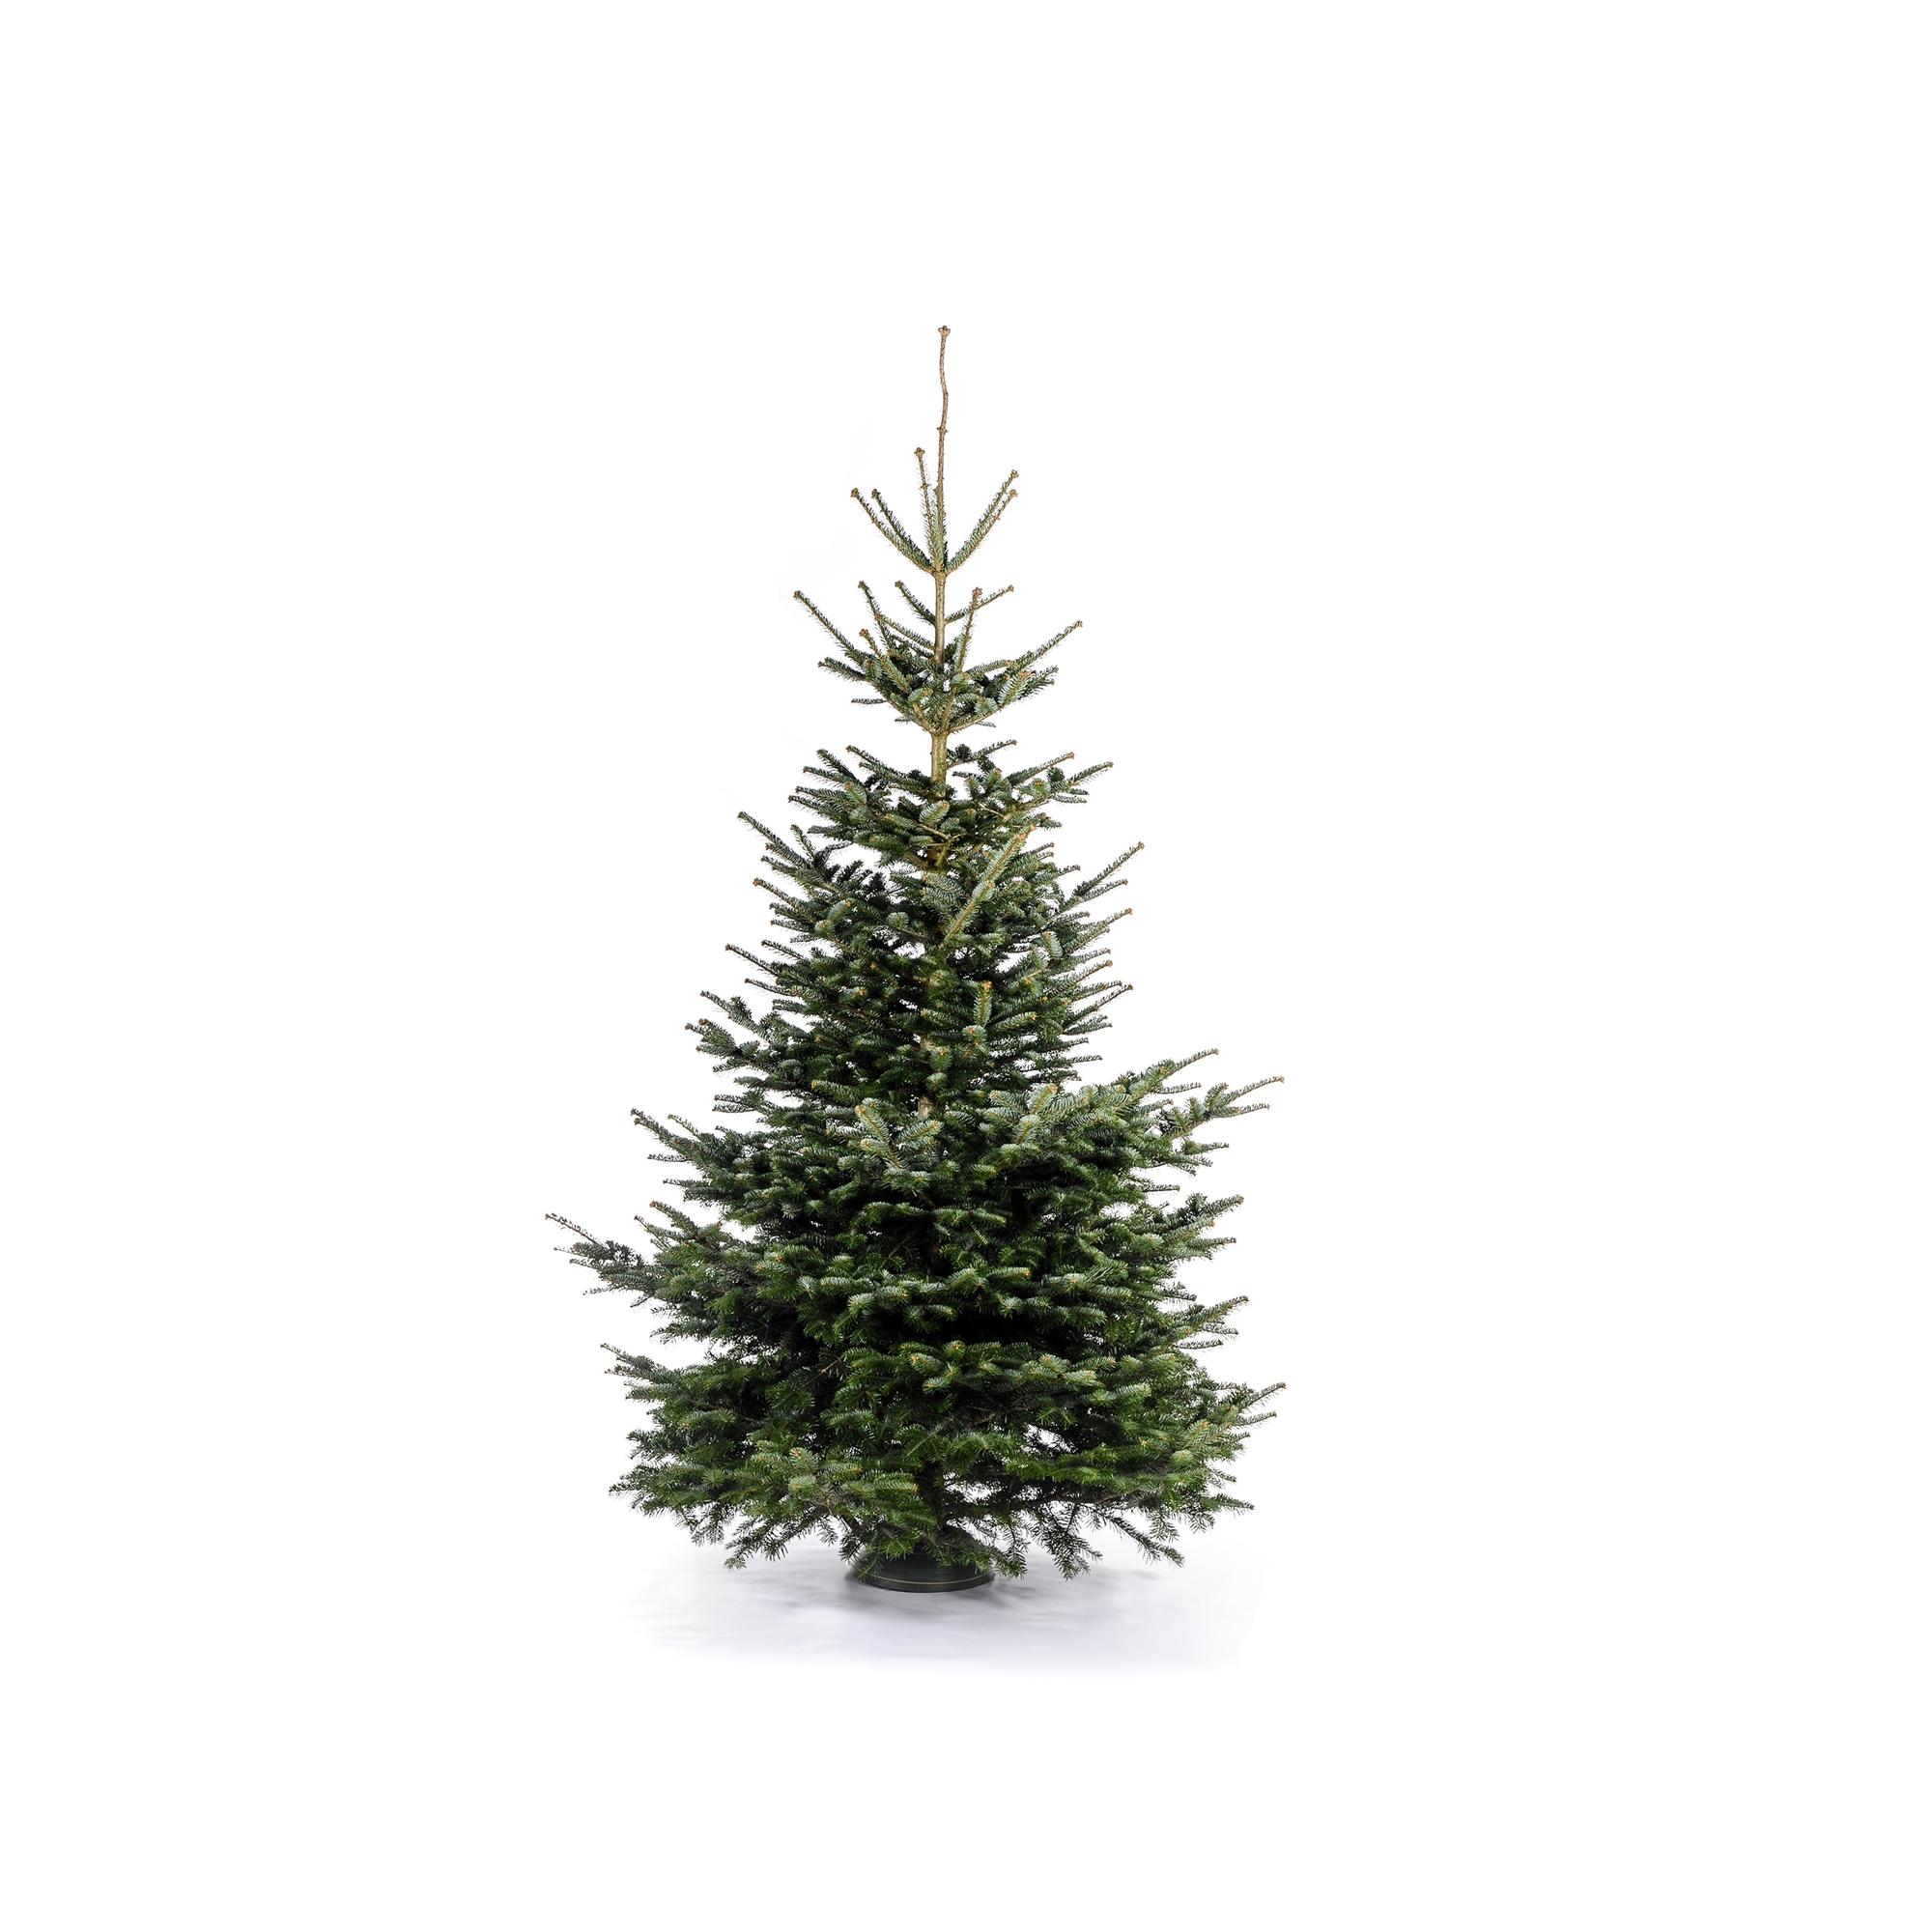 hagebaumarkt munchen weihnachtsbaum neujahrsblog 2020. Black Bedroom Furniture Sets. Home Design Ideas